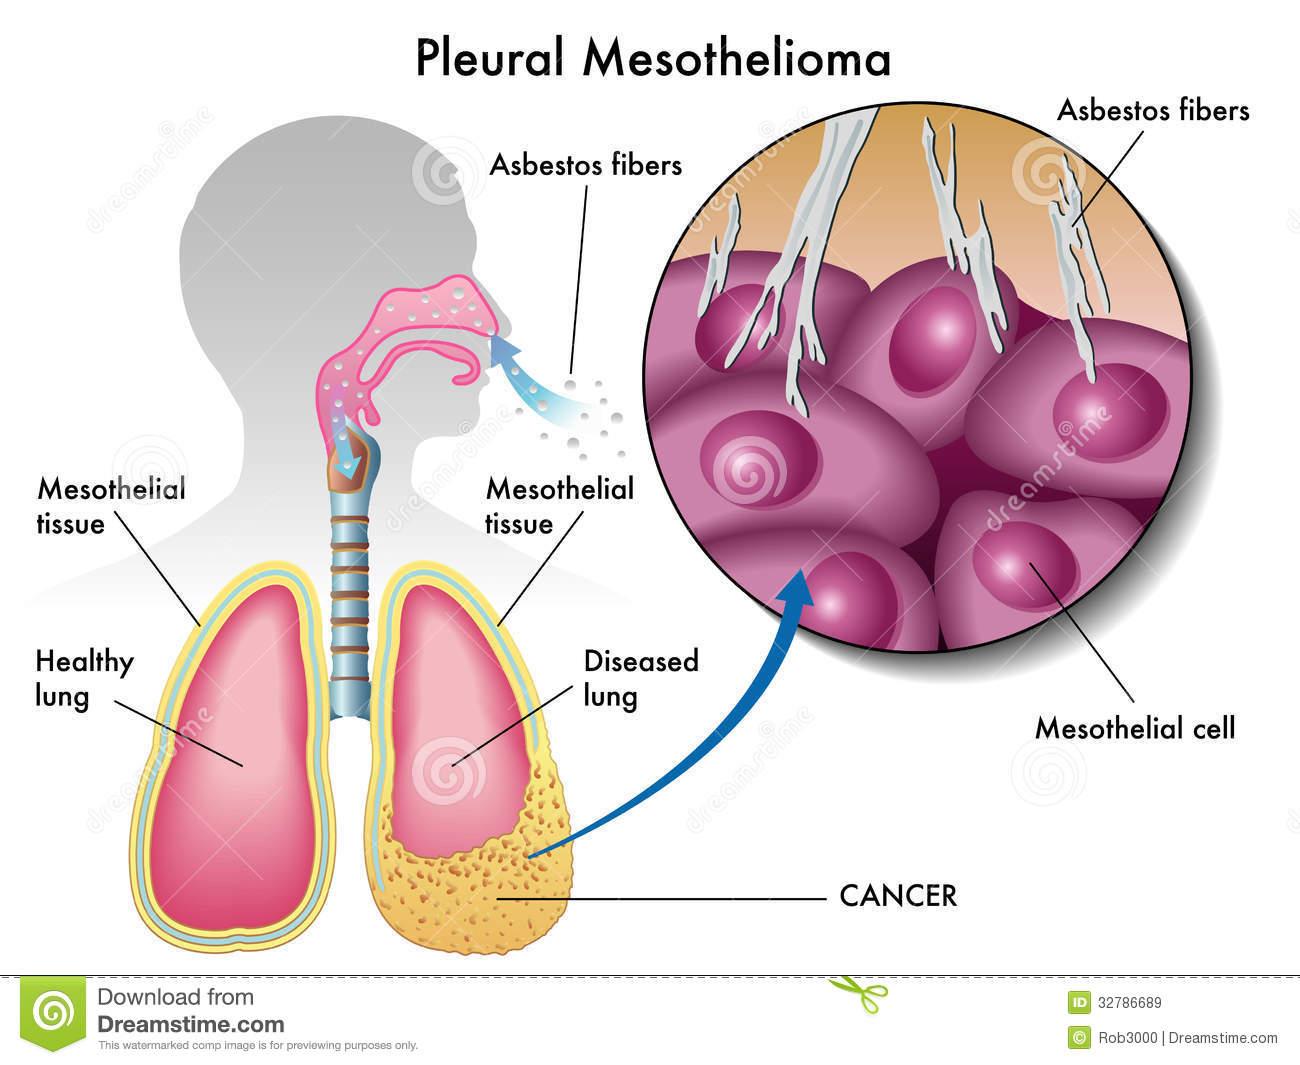 Mesotelioma Pleurico e asbesto